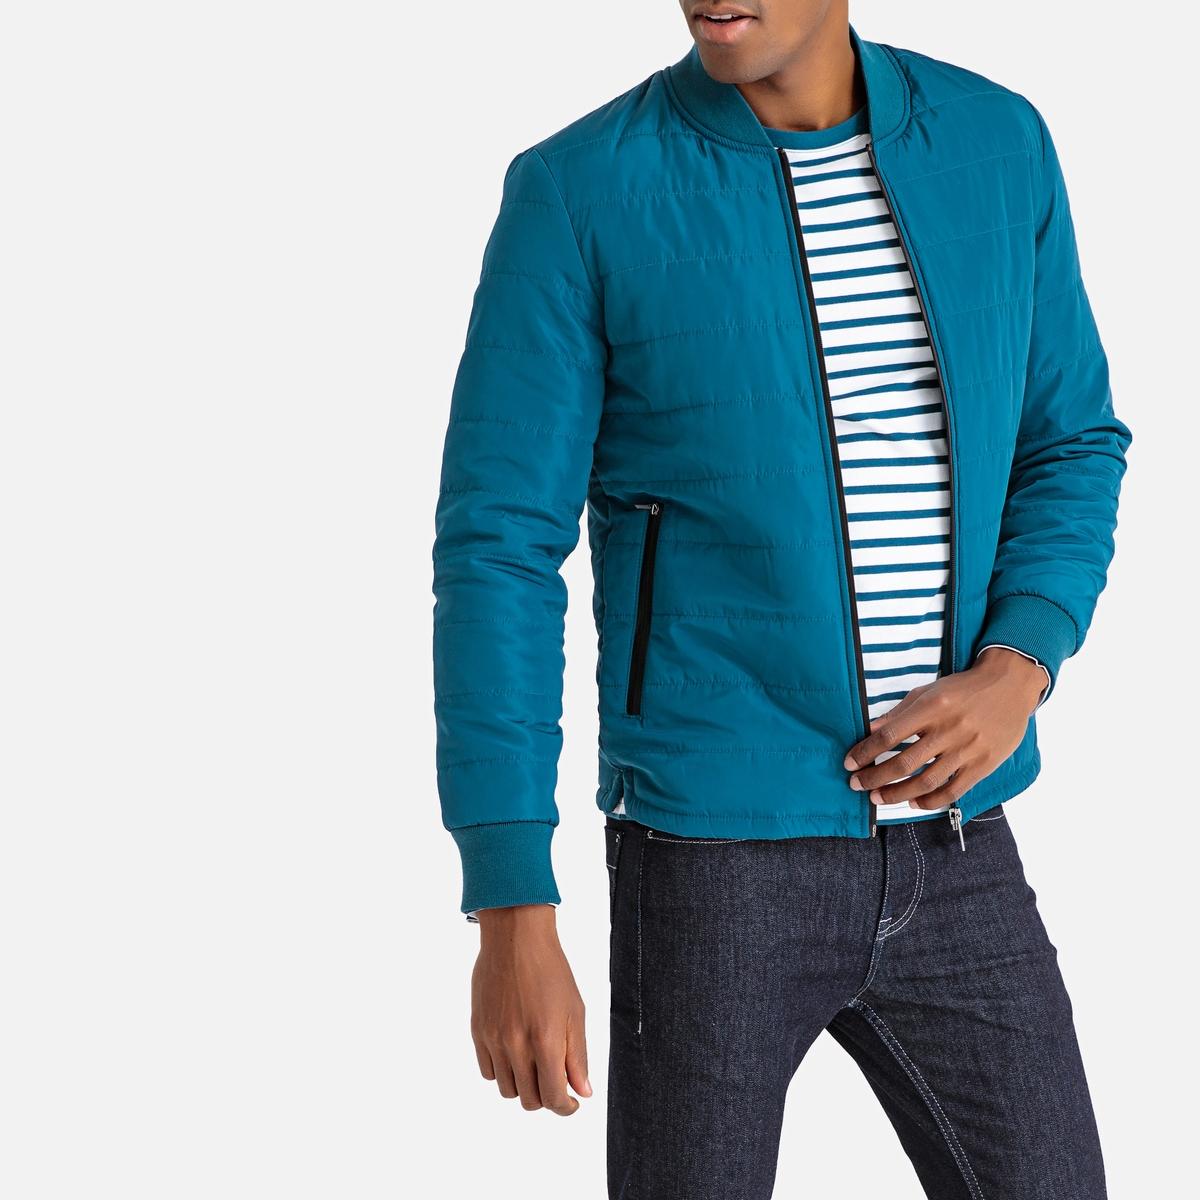 Куртка стеганая короткая с воротником-кадетом, демисезонная модель La Redoute Collections